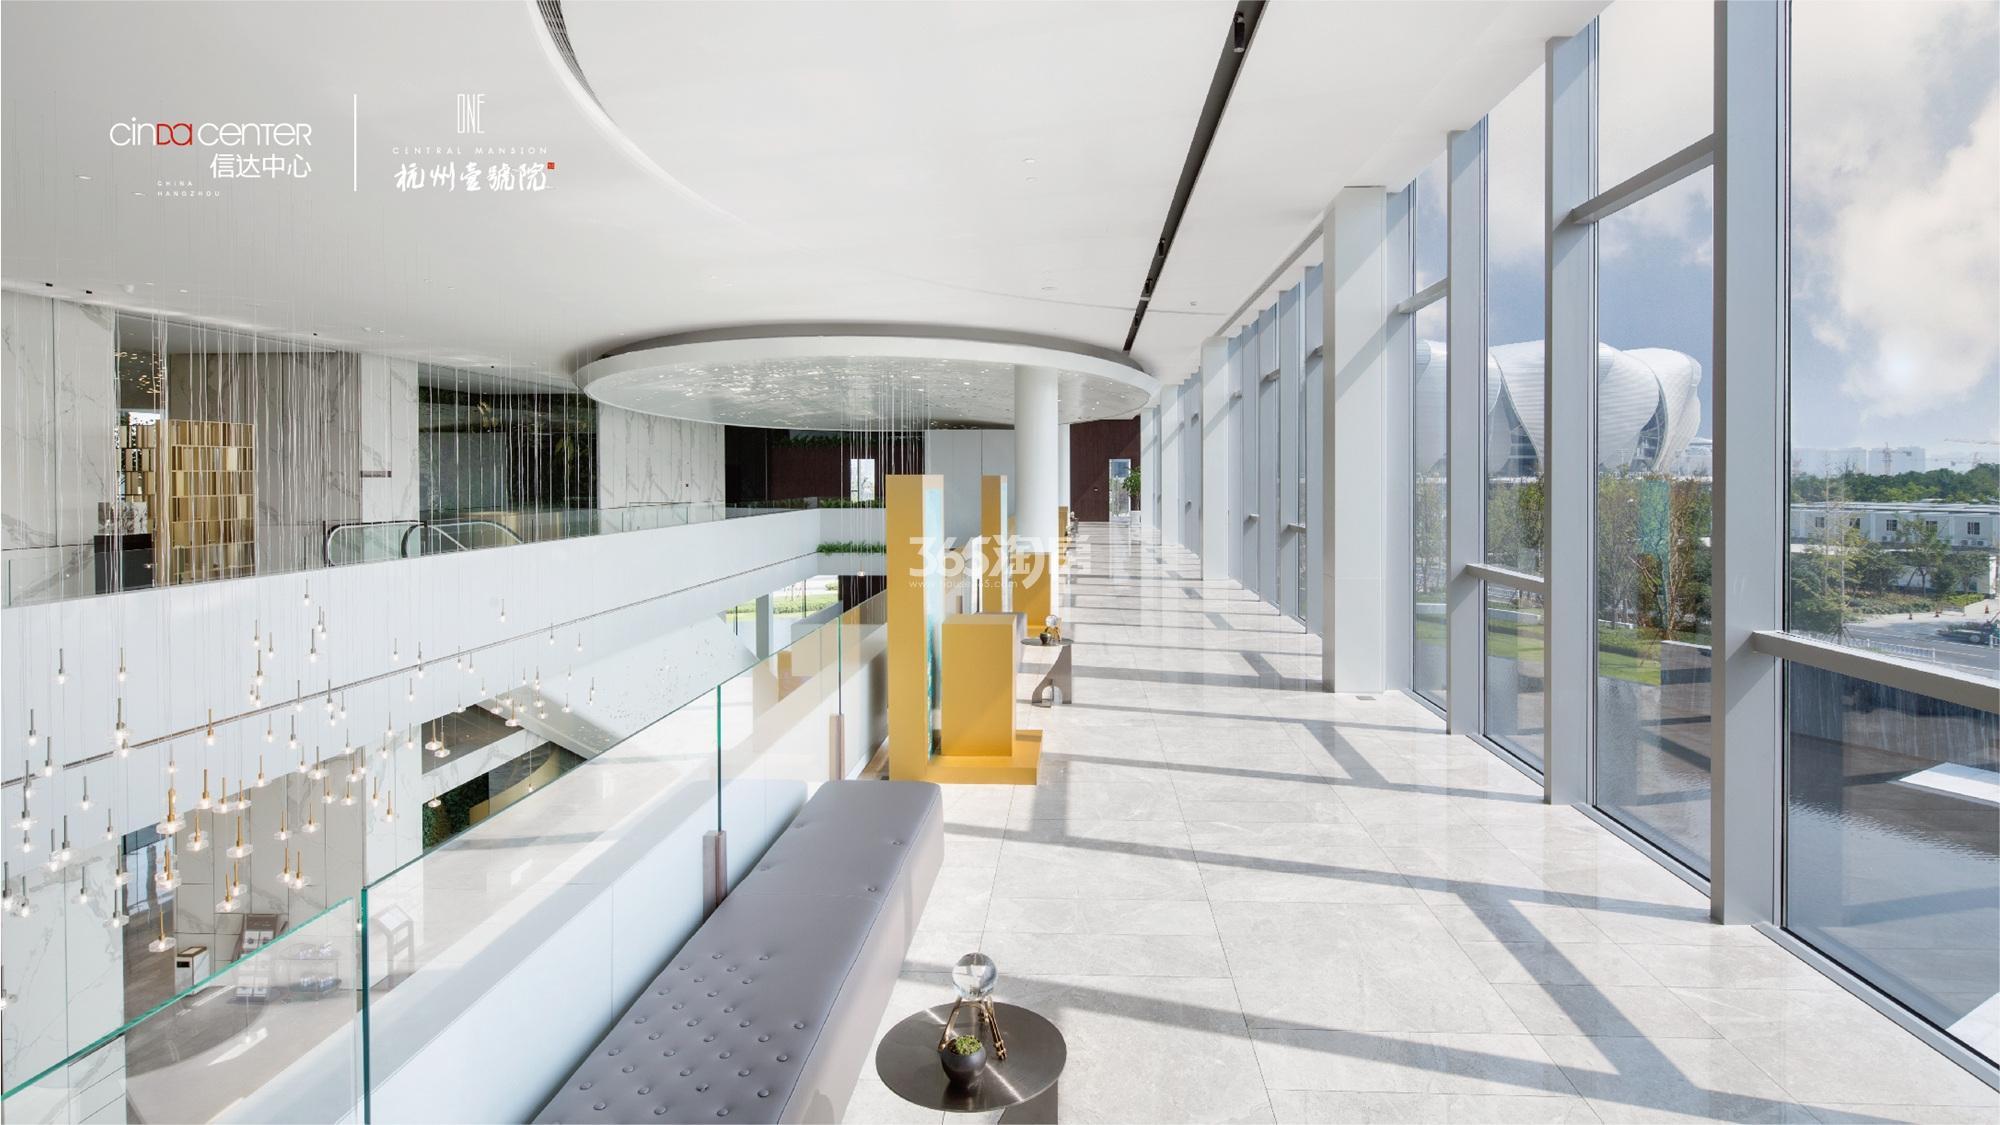 2017.12.7信达中心|杭州壹号院示范区二楼艺术长廊